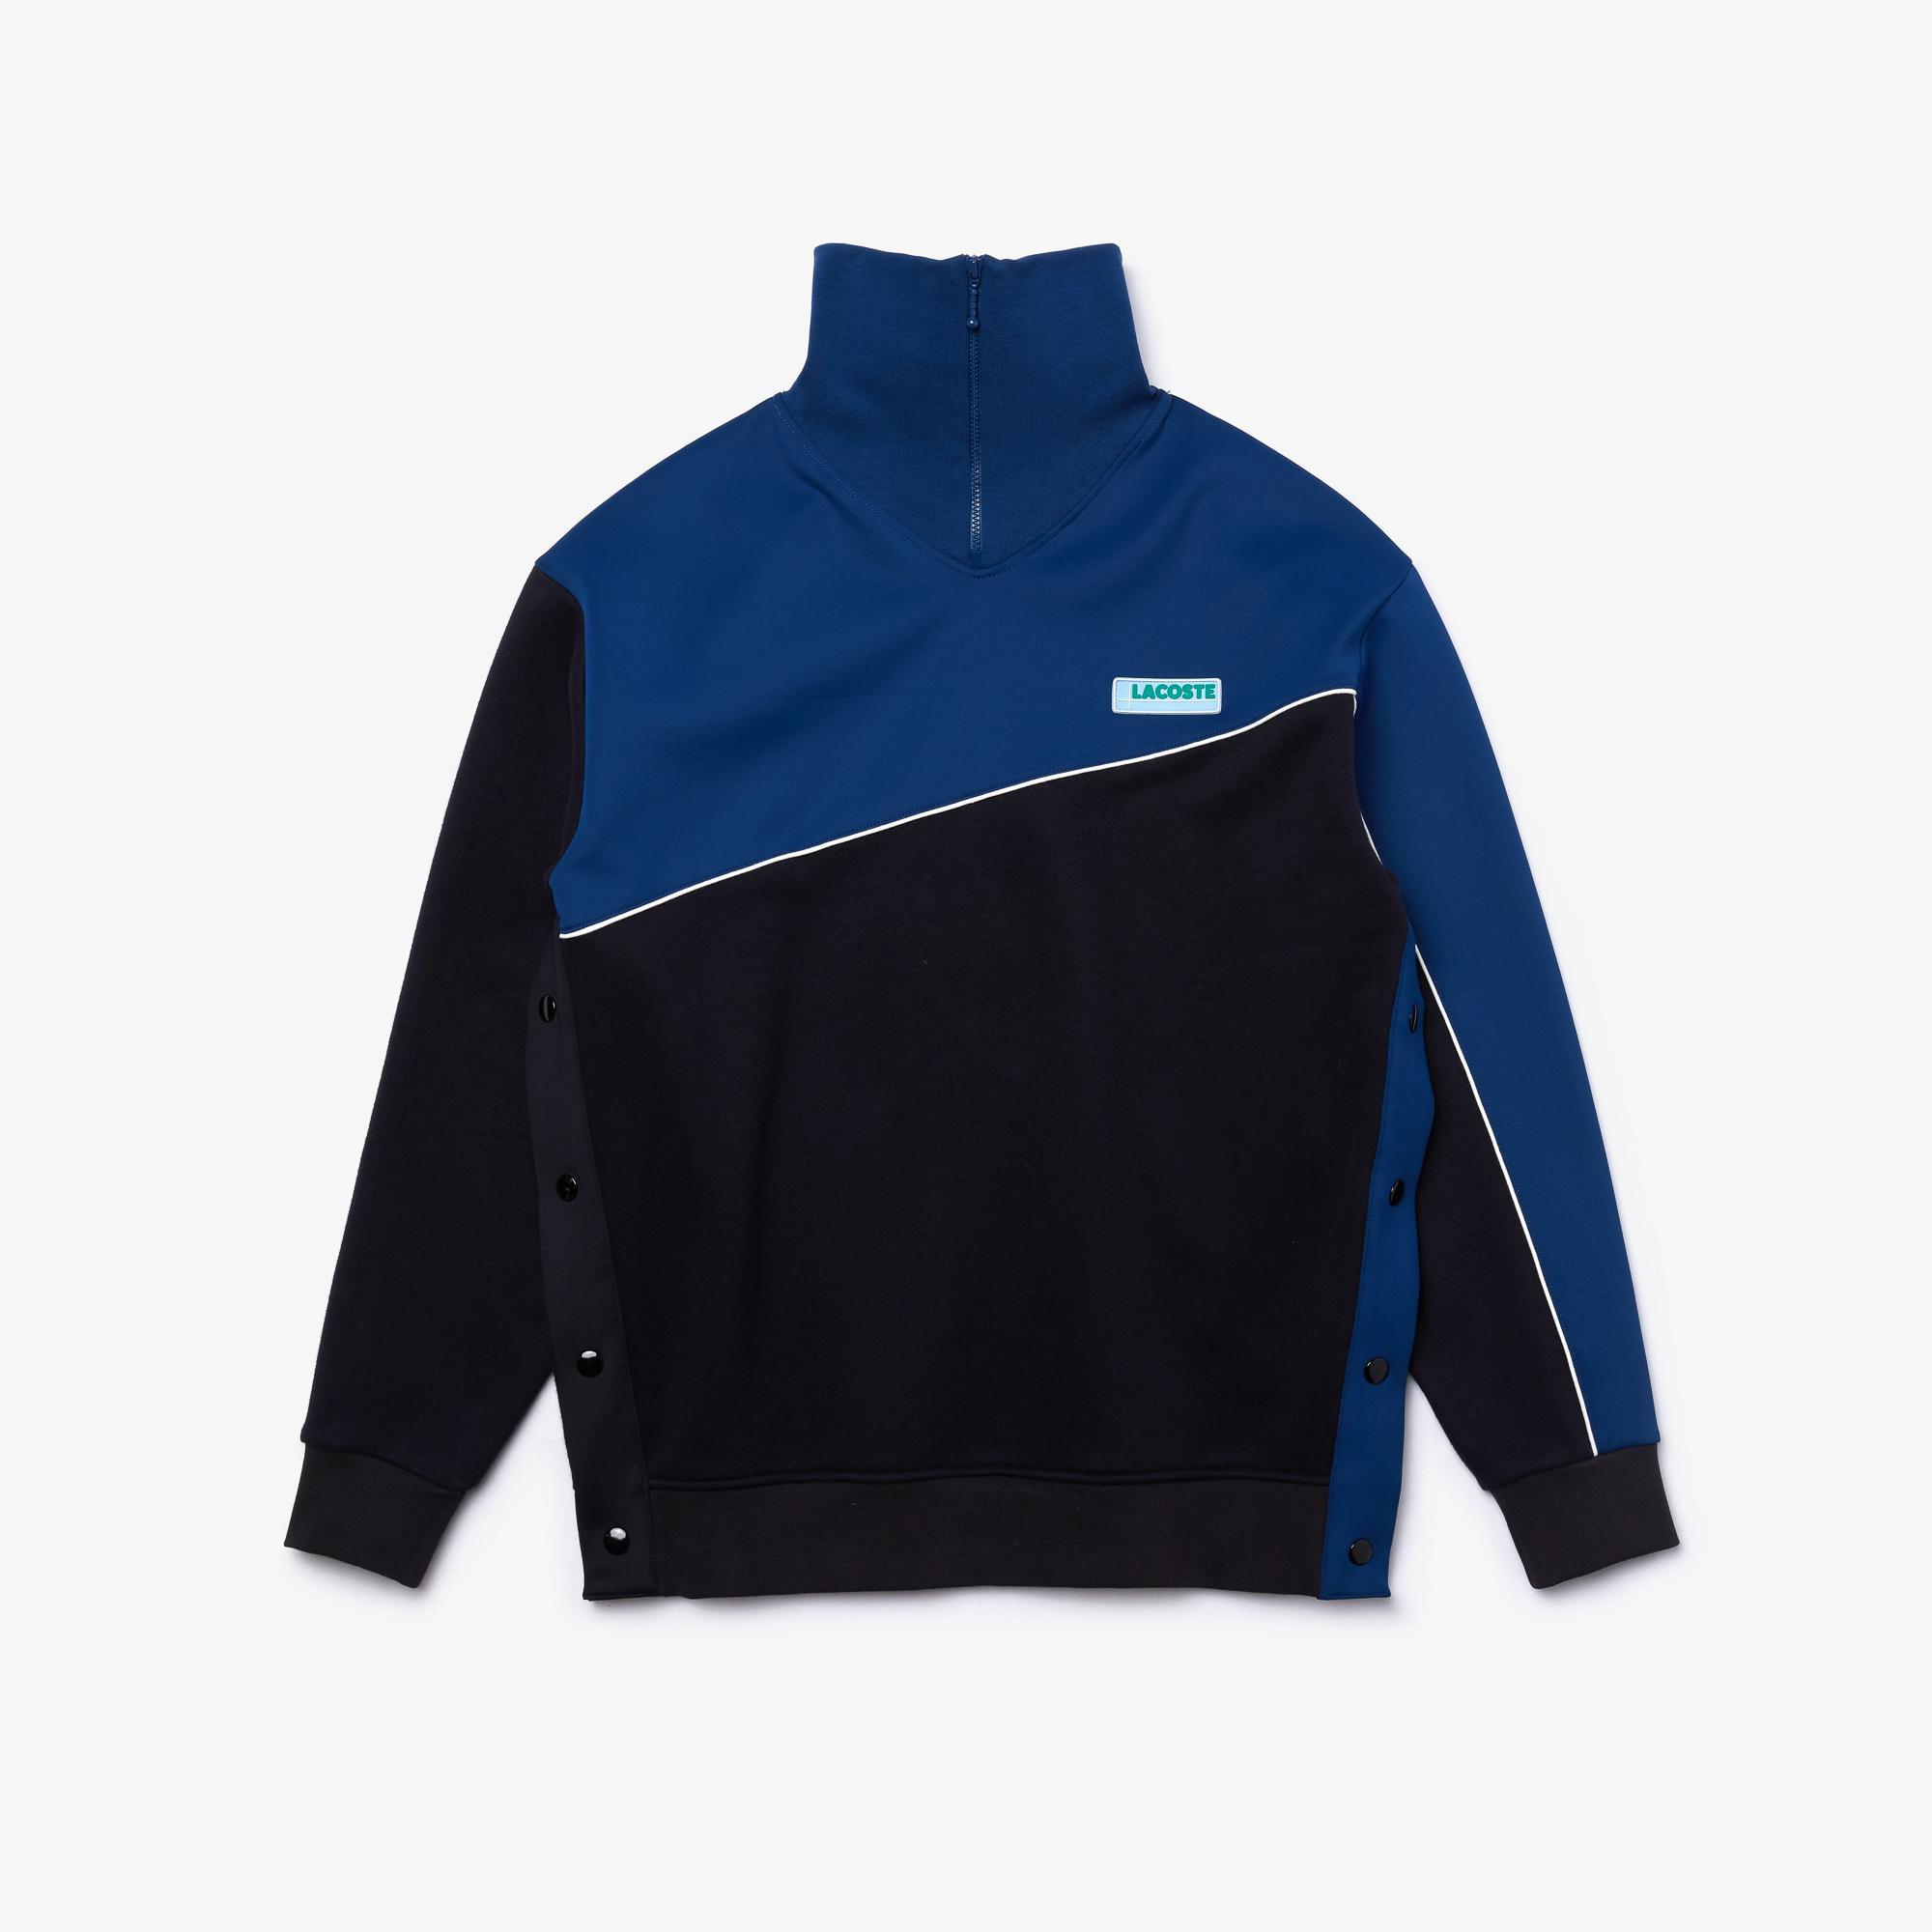 Lacoste L!VE Kadın Blok Desenli Fermuarlı Lacivert Sweatshirt